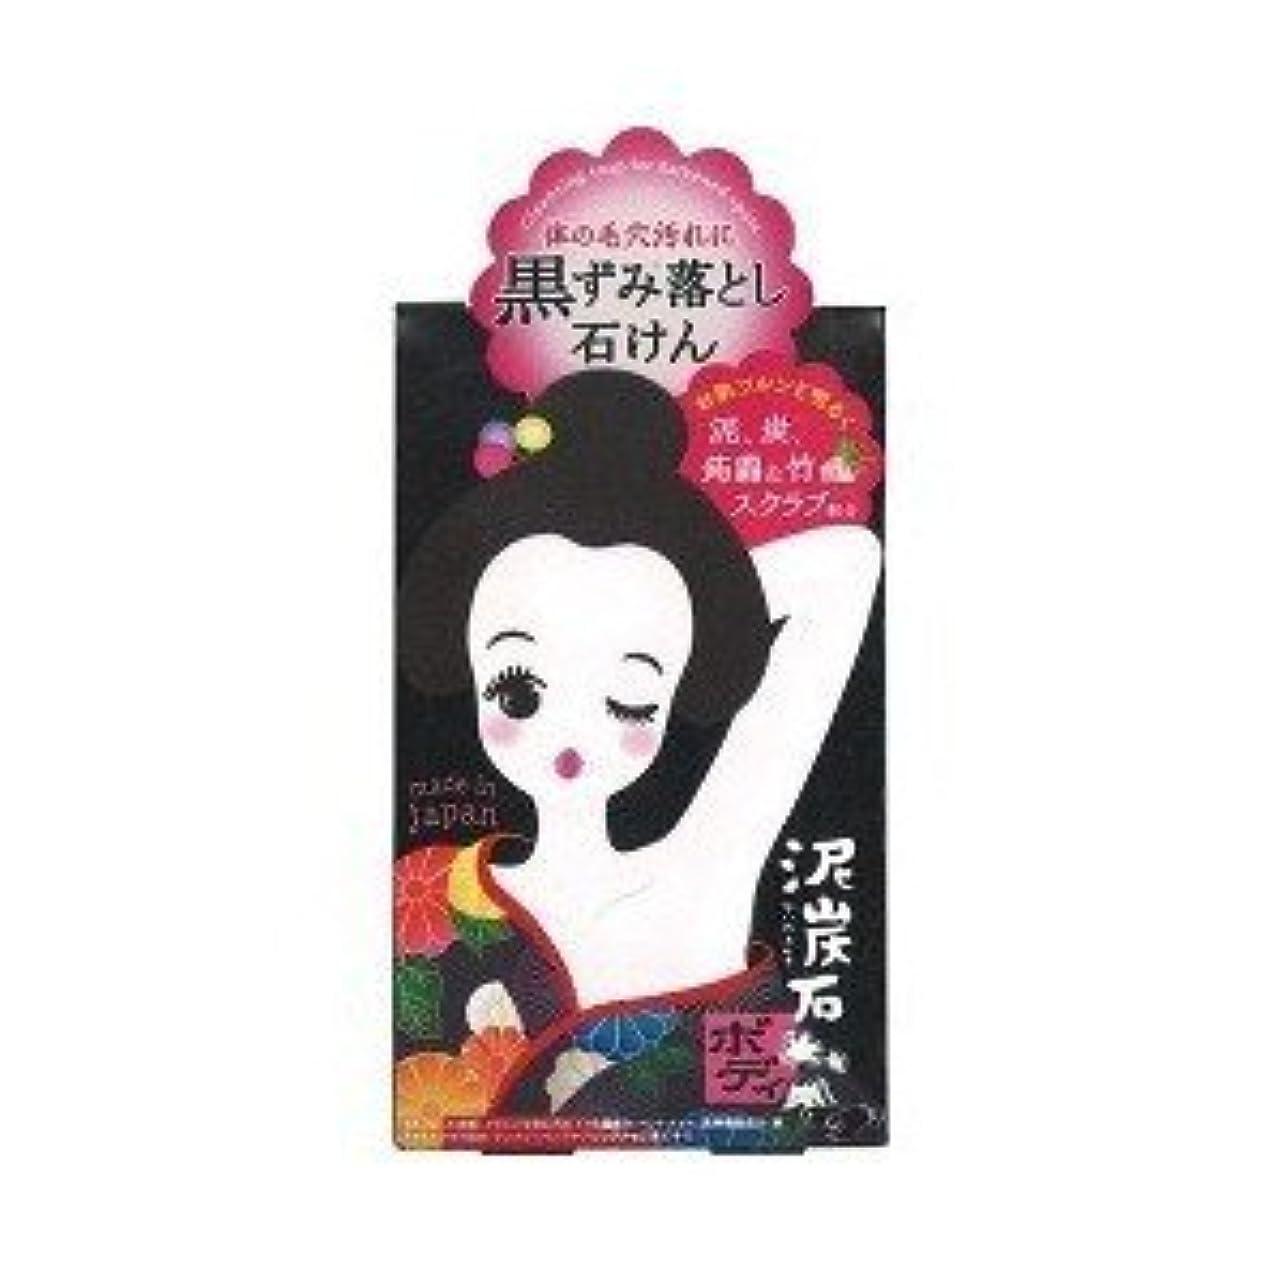 洗練液化するタヒチ(ペリカン石鹸)ペリカン 泥炭石 ボディスクラブ石鹸 100g